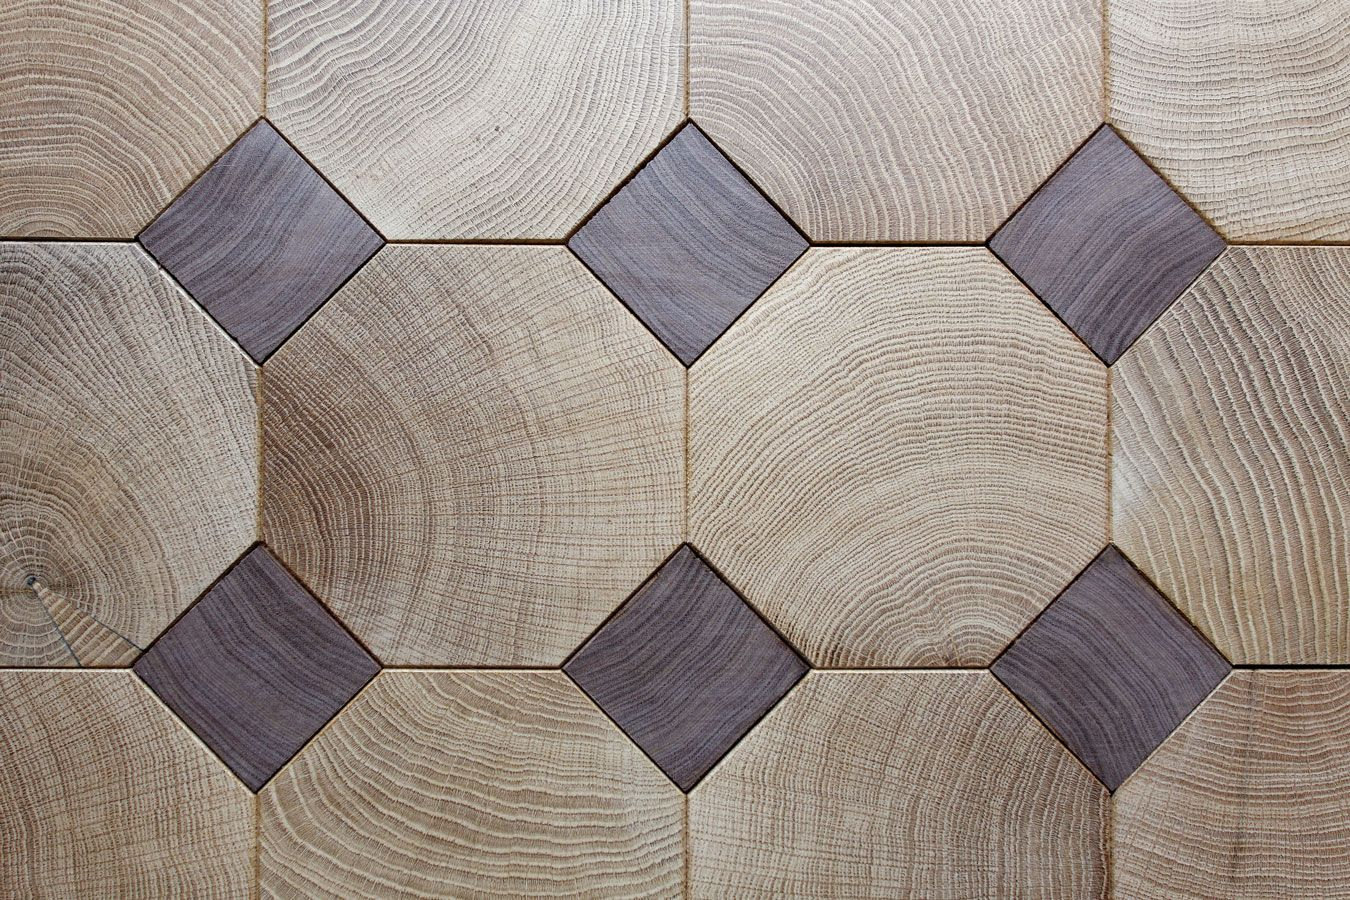 Octogones En Chene Bois Debout Et Cabochons En Noyer Us Bois Debout Idee De Decoration Plancher Bois